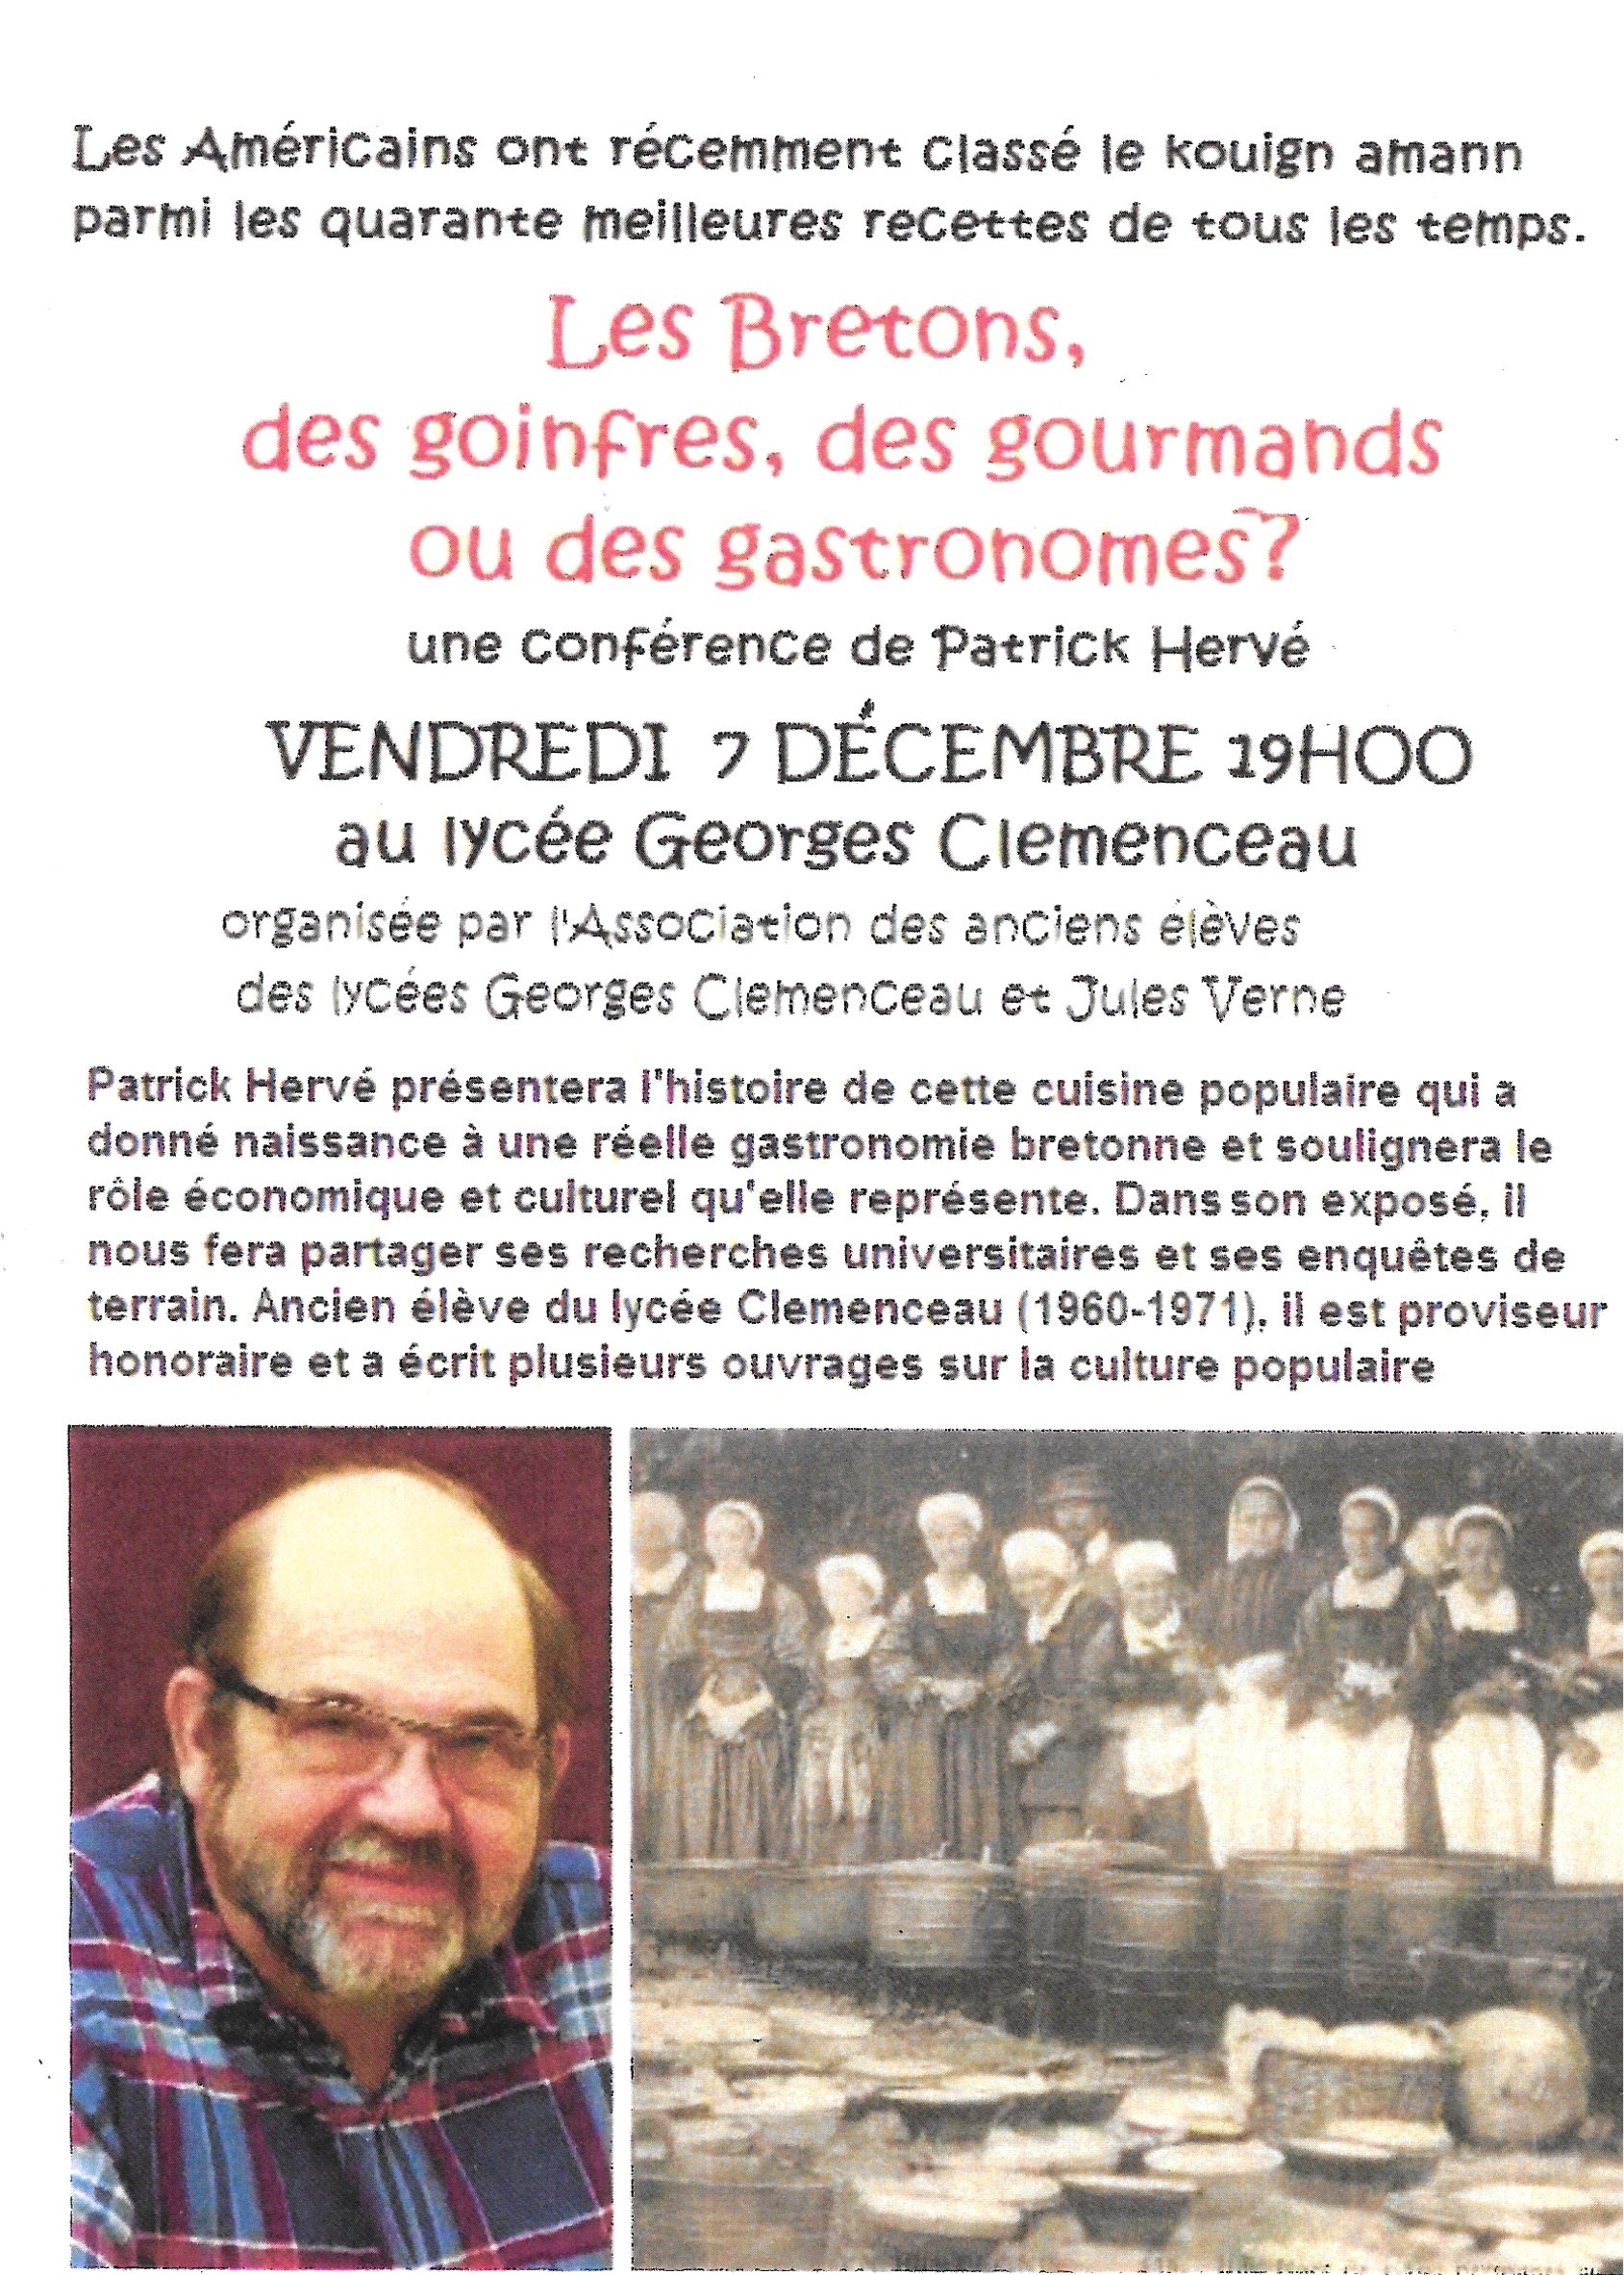 Patrick Hervé 7 XII 18